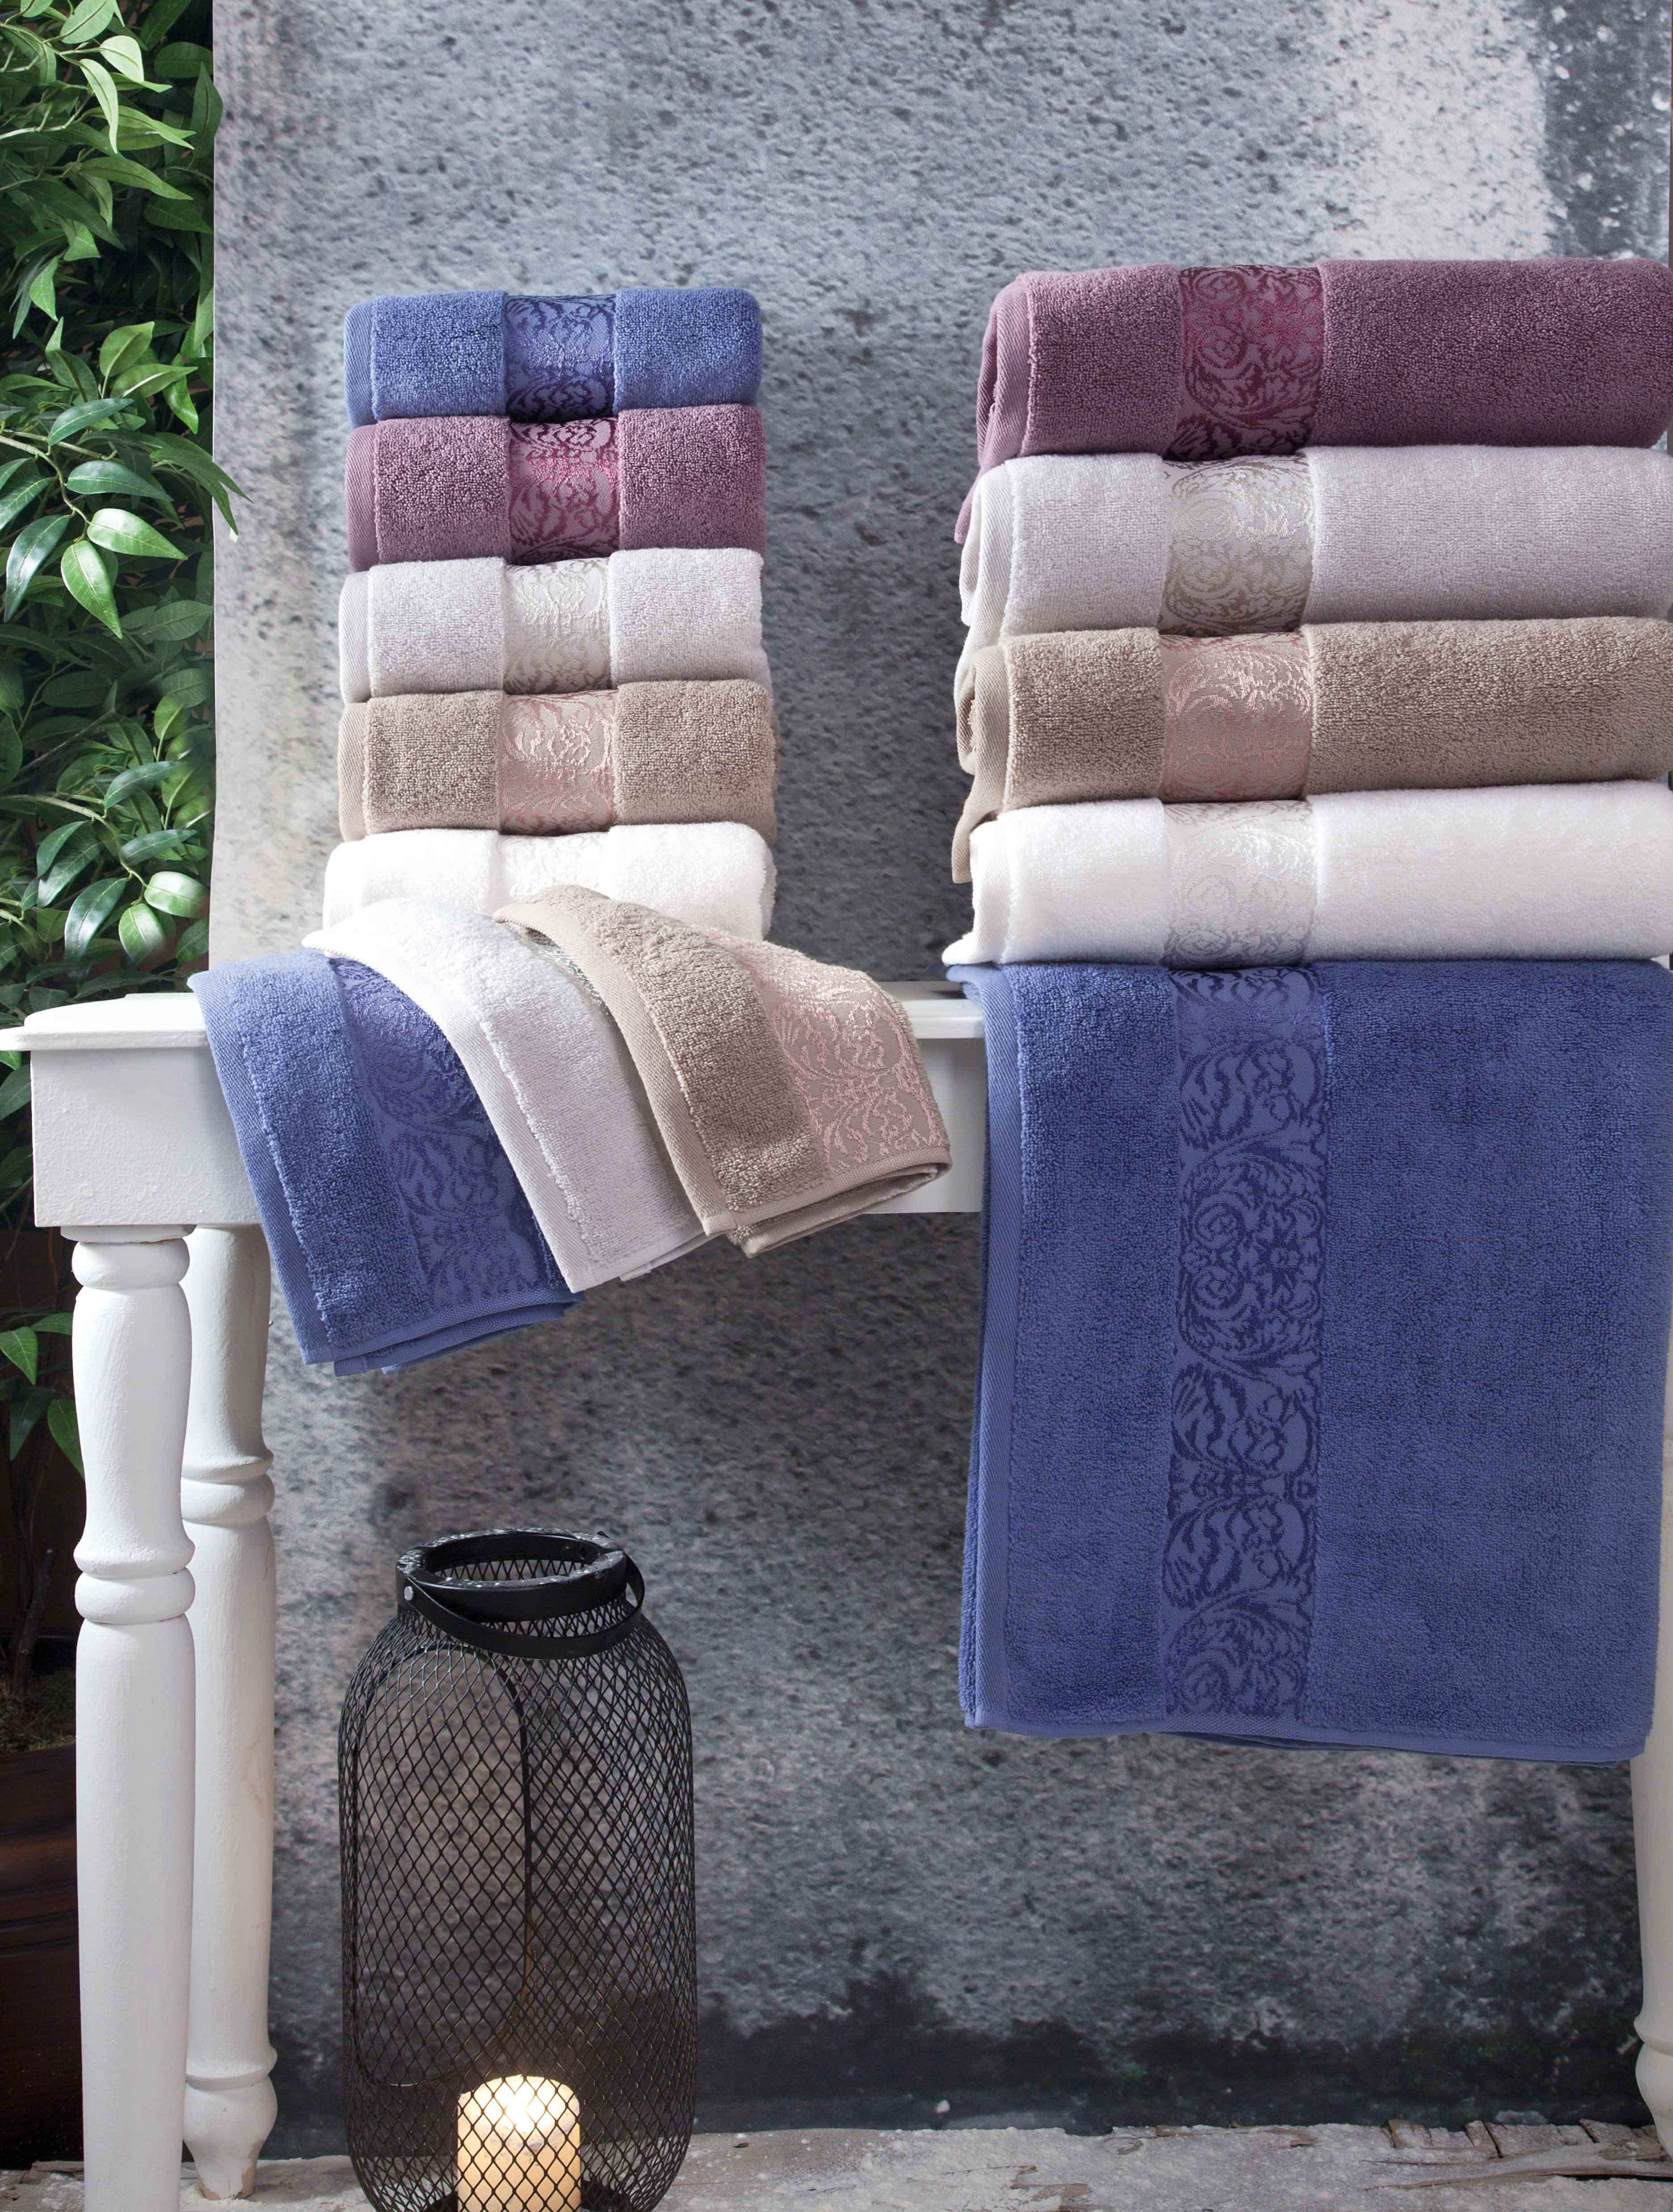 Купить Полотенца Arya, Полотенце Jewel Цвет: Экрю (70х140 см), Турция, Бежевый, Махра